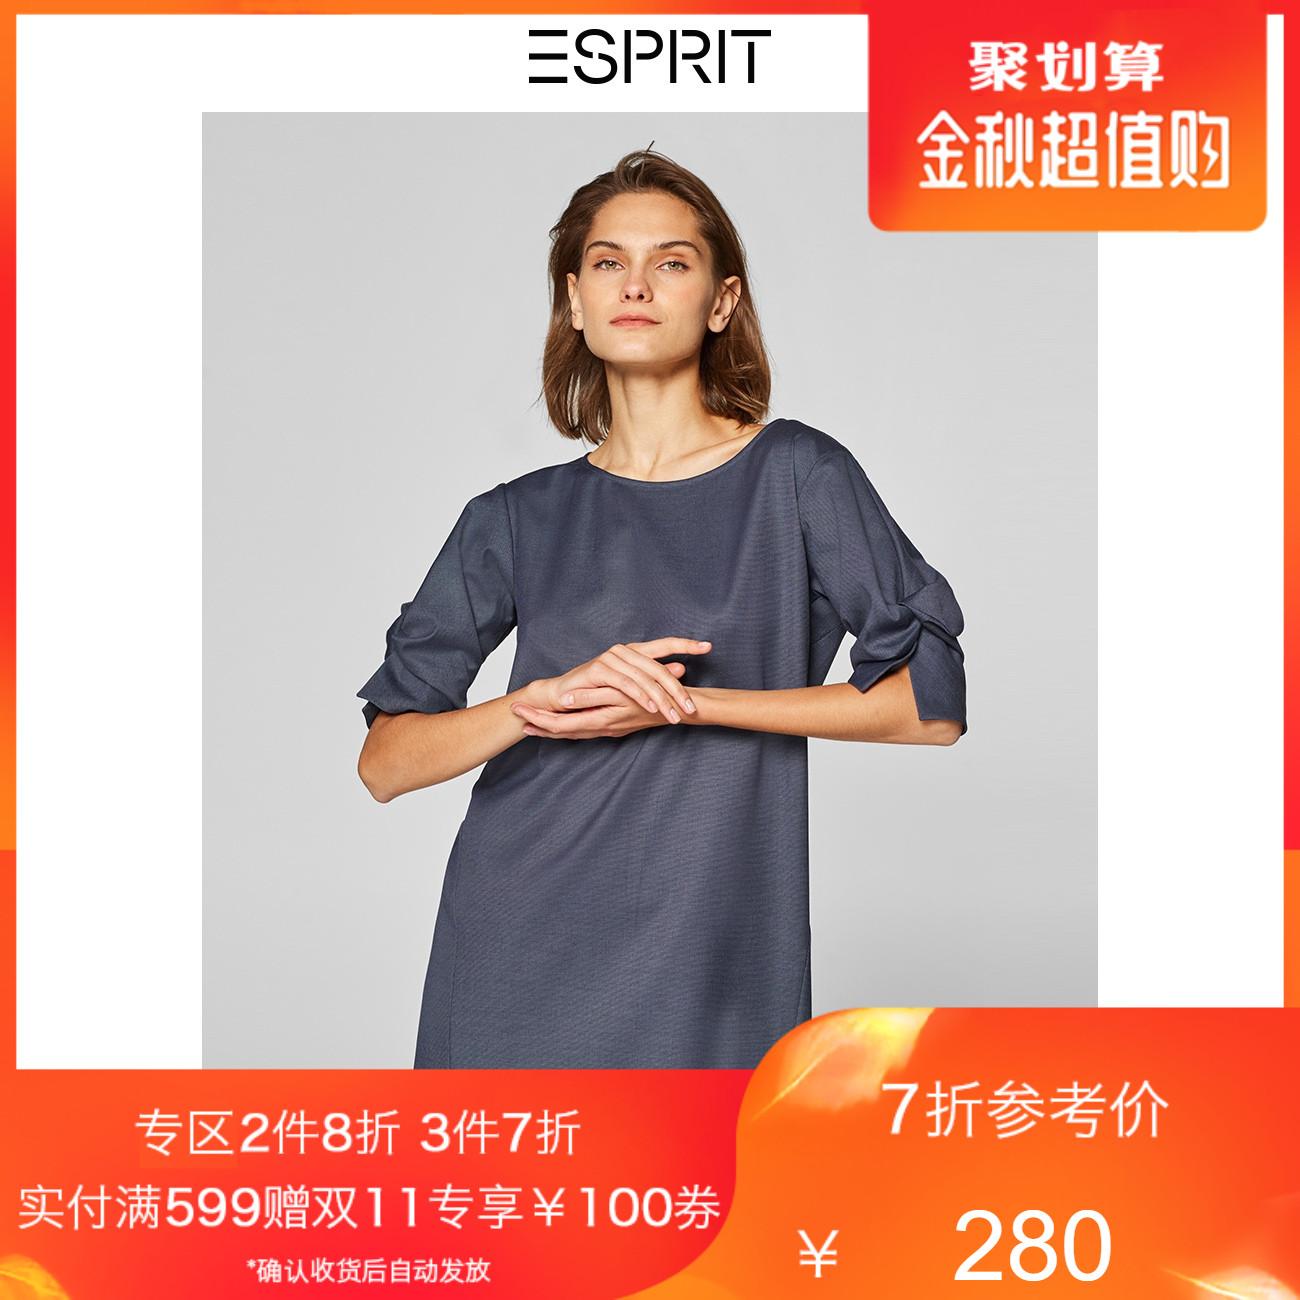 10-12新券ESPRIT时尚纯色短款直筒裙圆领短袖宽松显瘦连衣裙女